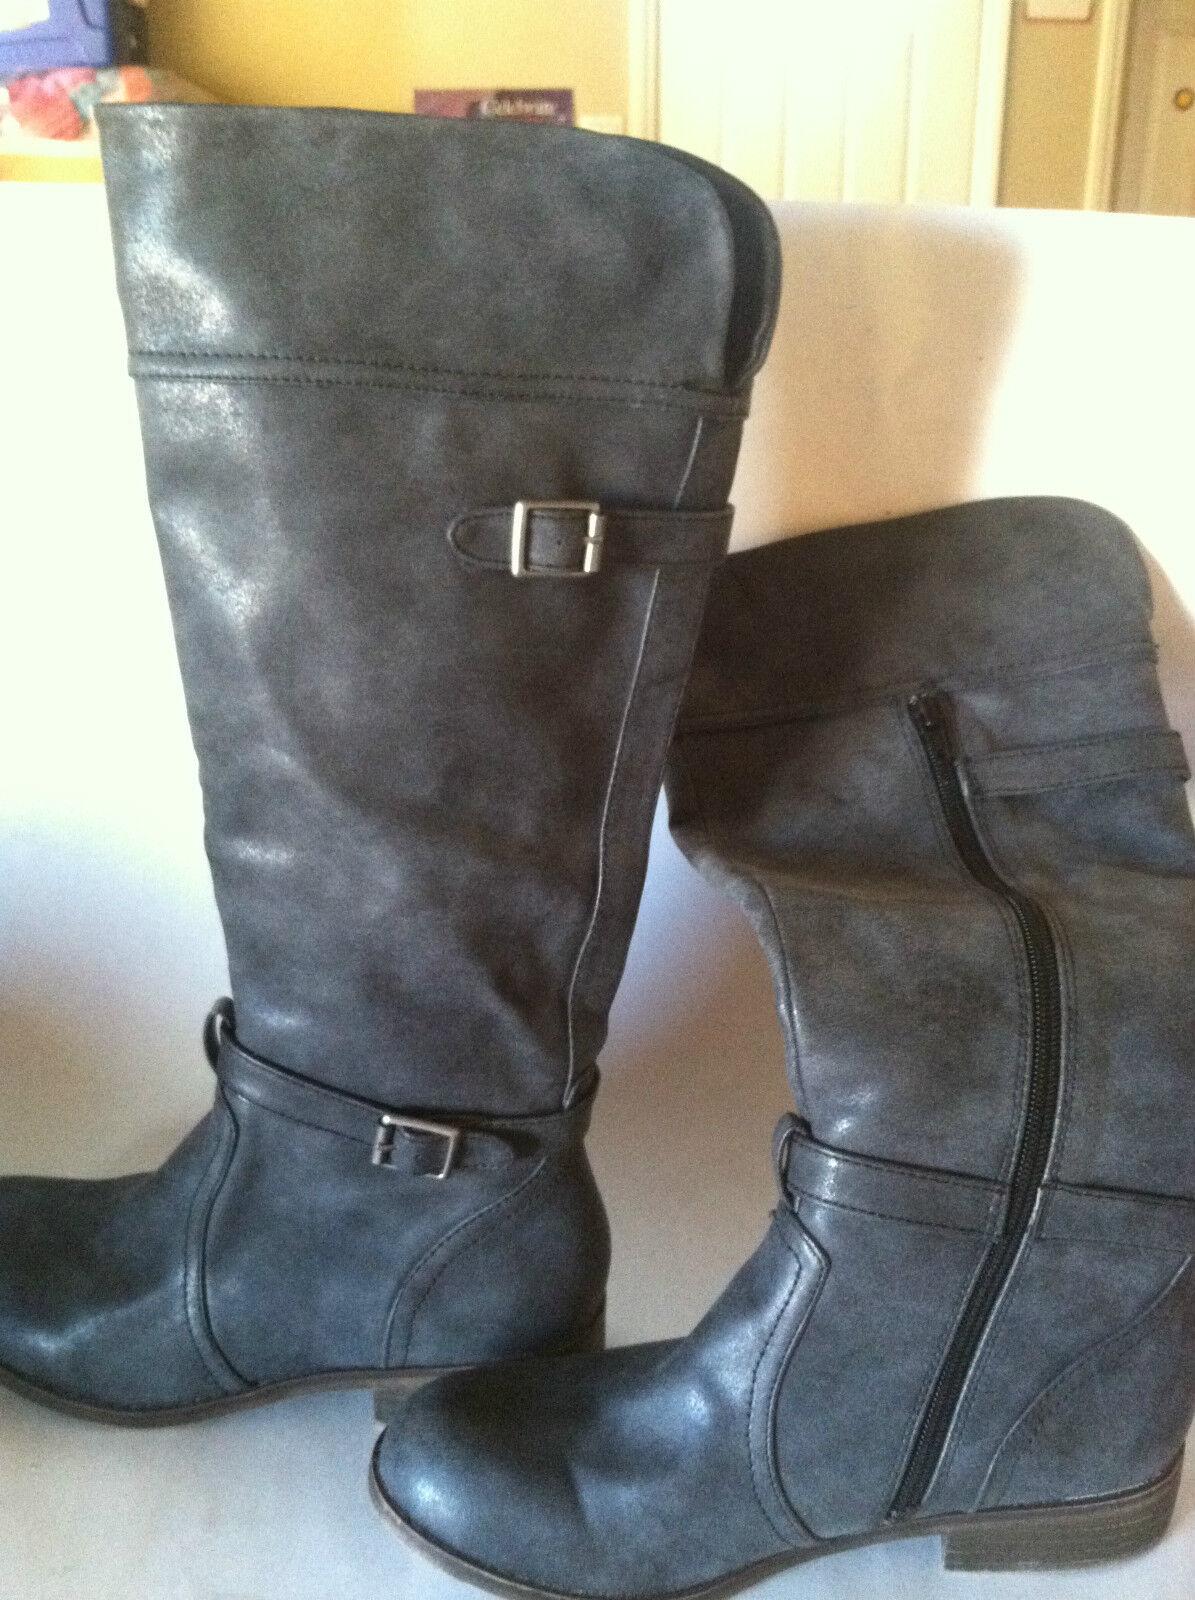 Madden Girl Stiefel Größe Größe Stiefel 6 1/2 df2b75